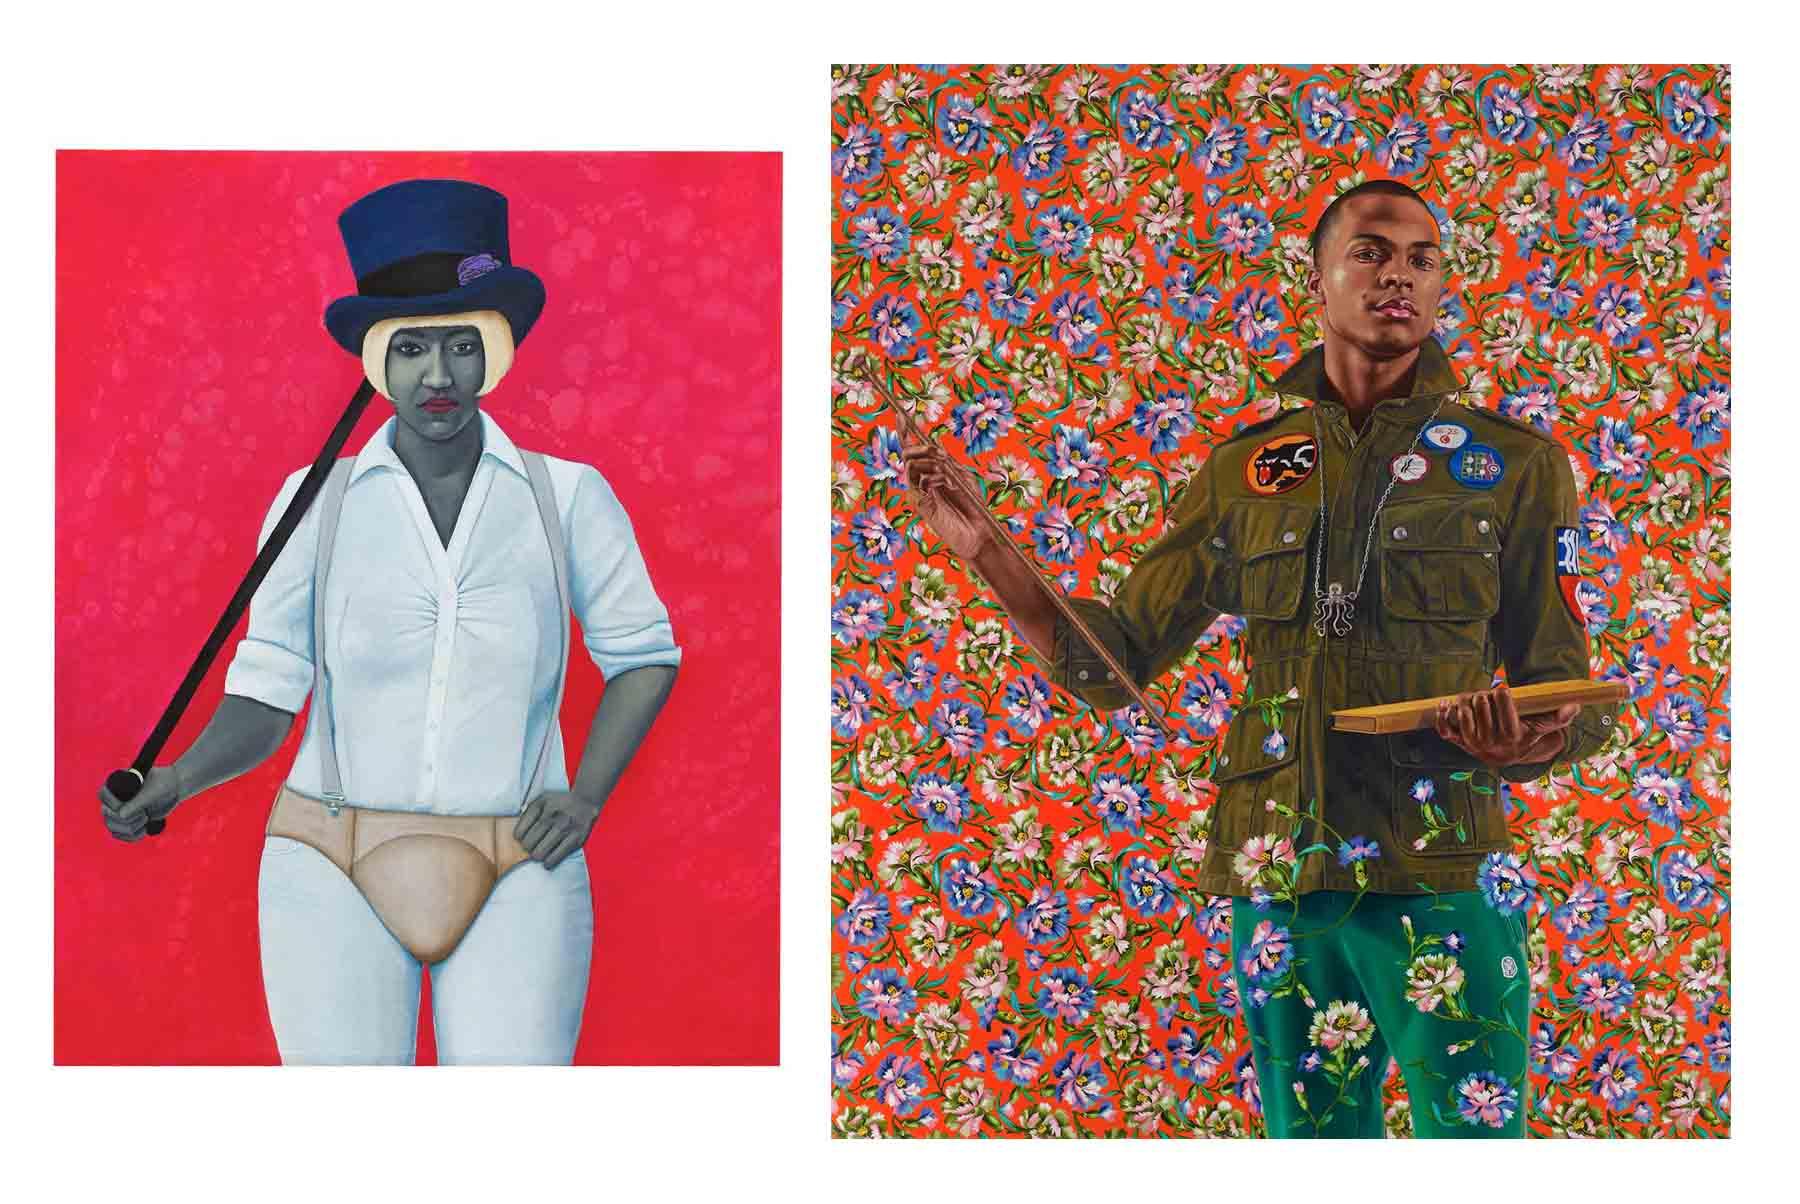 griot _-mag Amy Sherald _e Kehinde- Wiley scelti per ritrarre gli Obama_